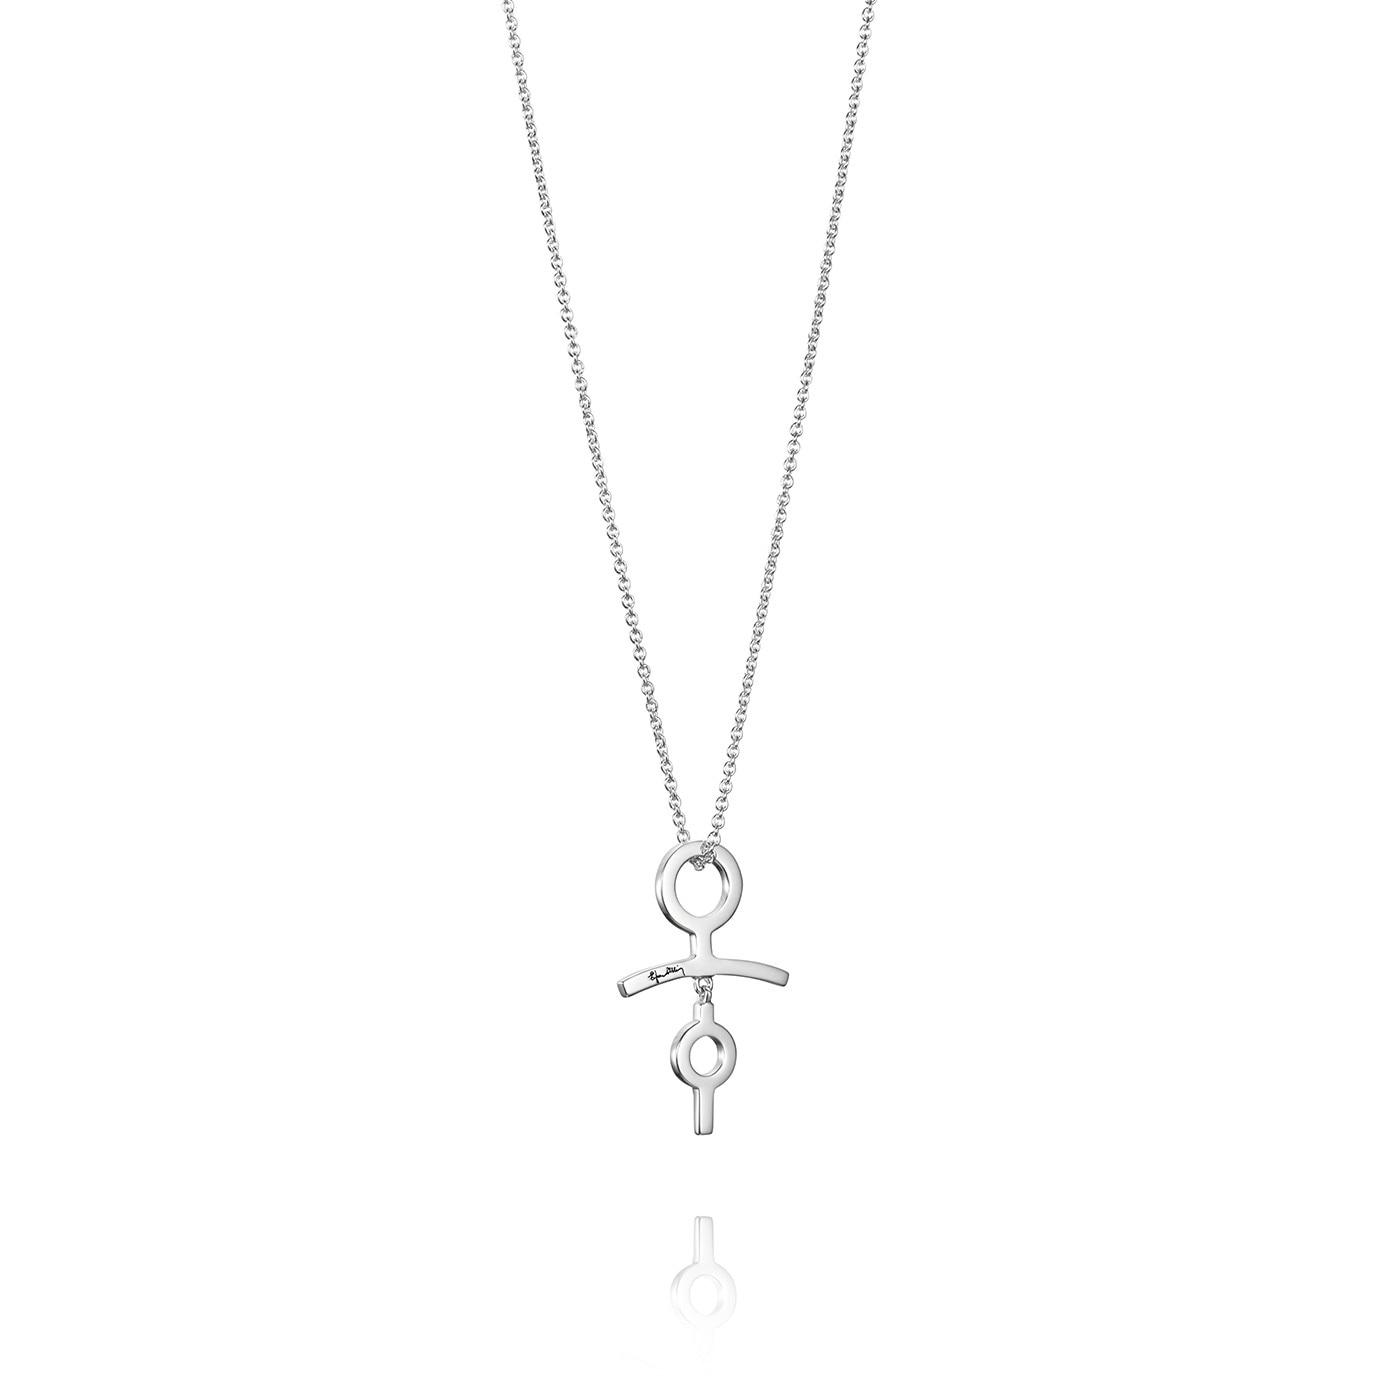 little_feminine_pendant_11-100-01345_2_